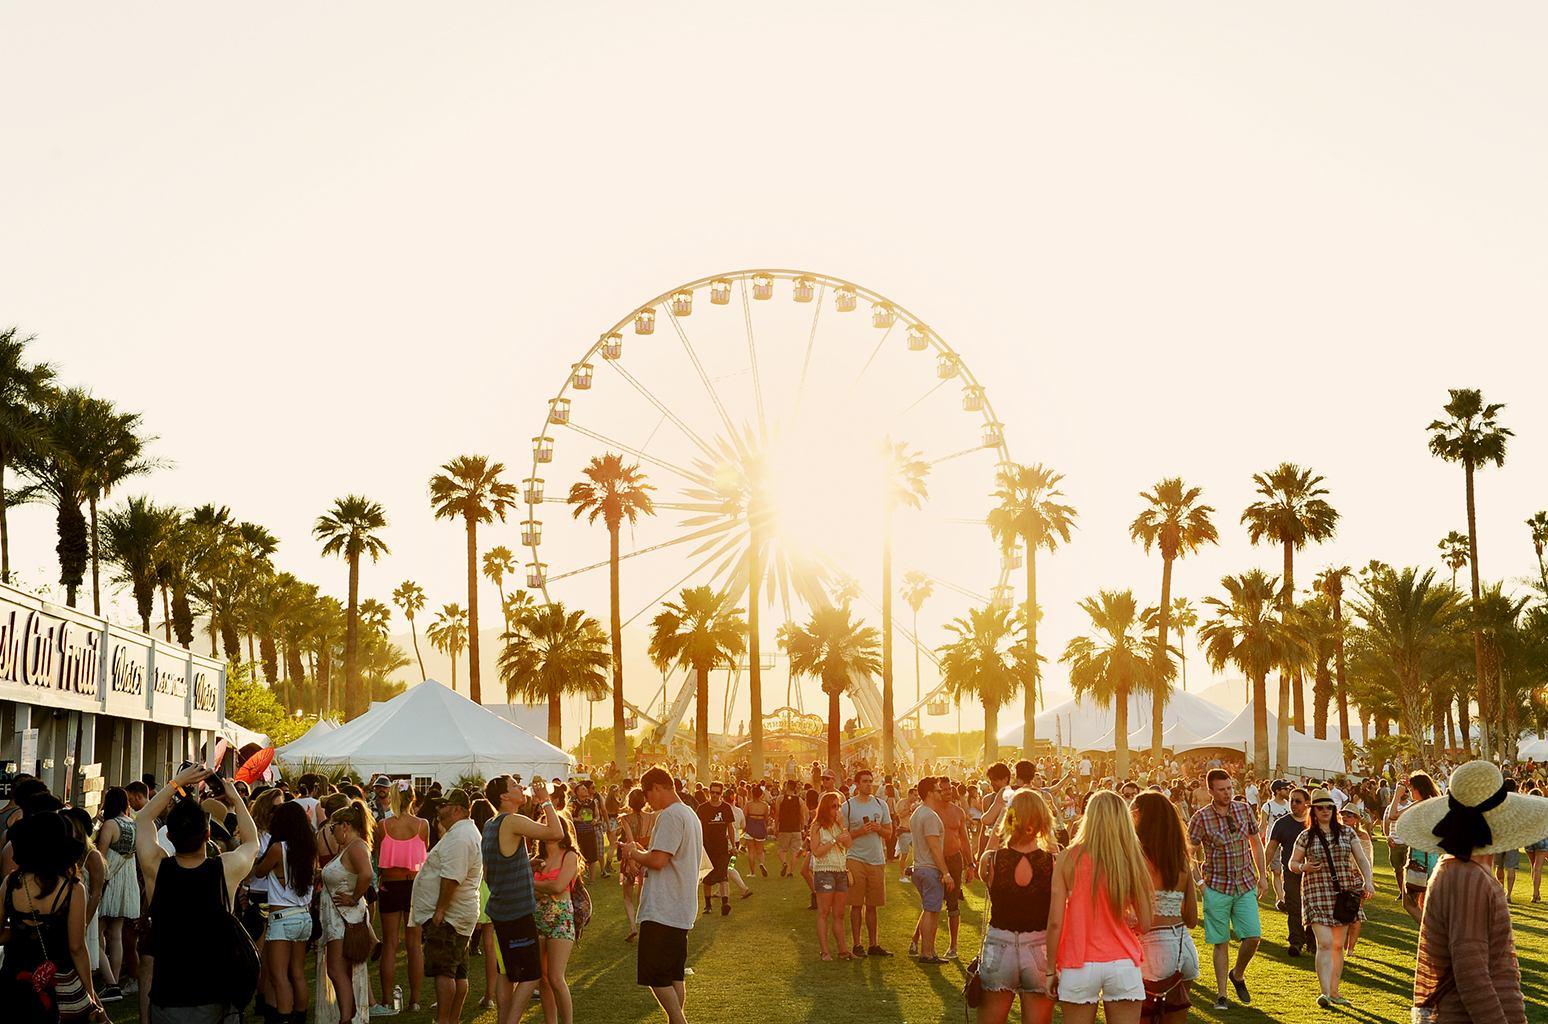 Coachella Abril 2021 se cancela definitivamente